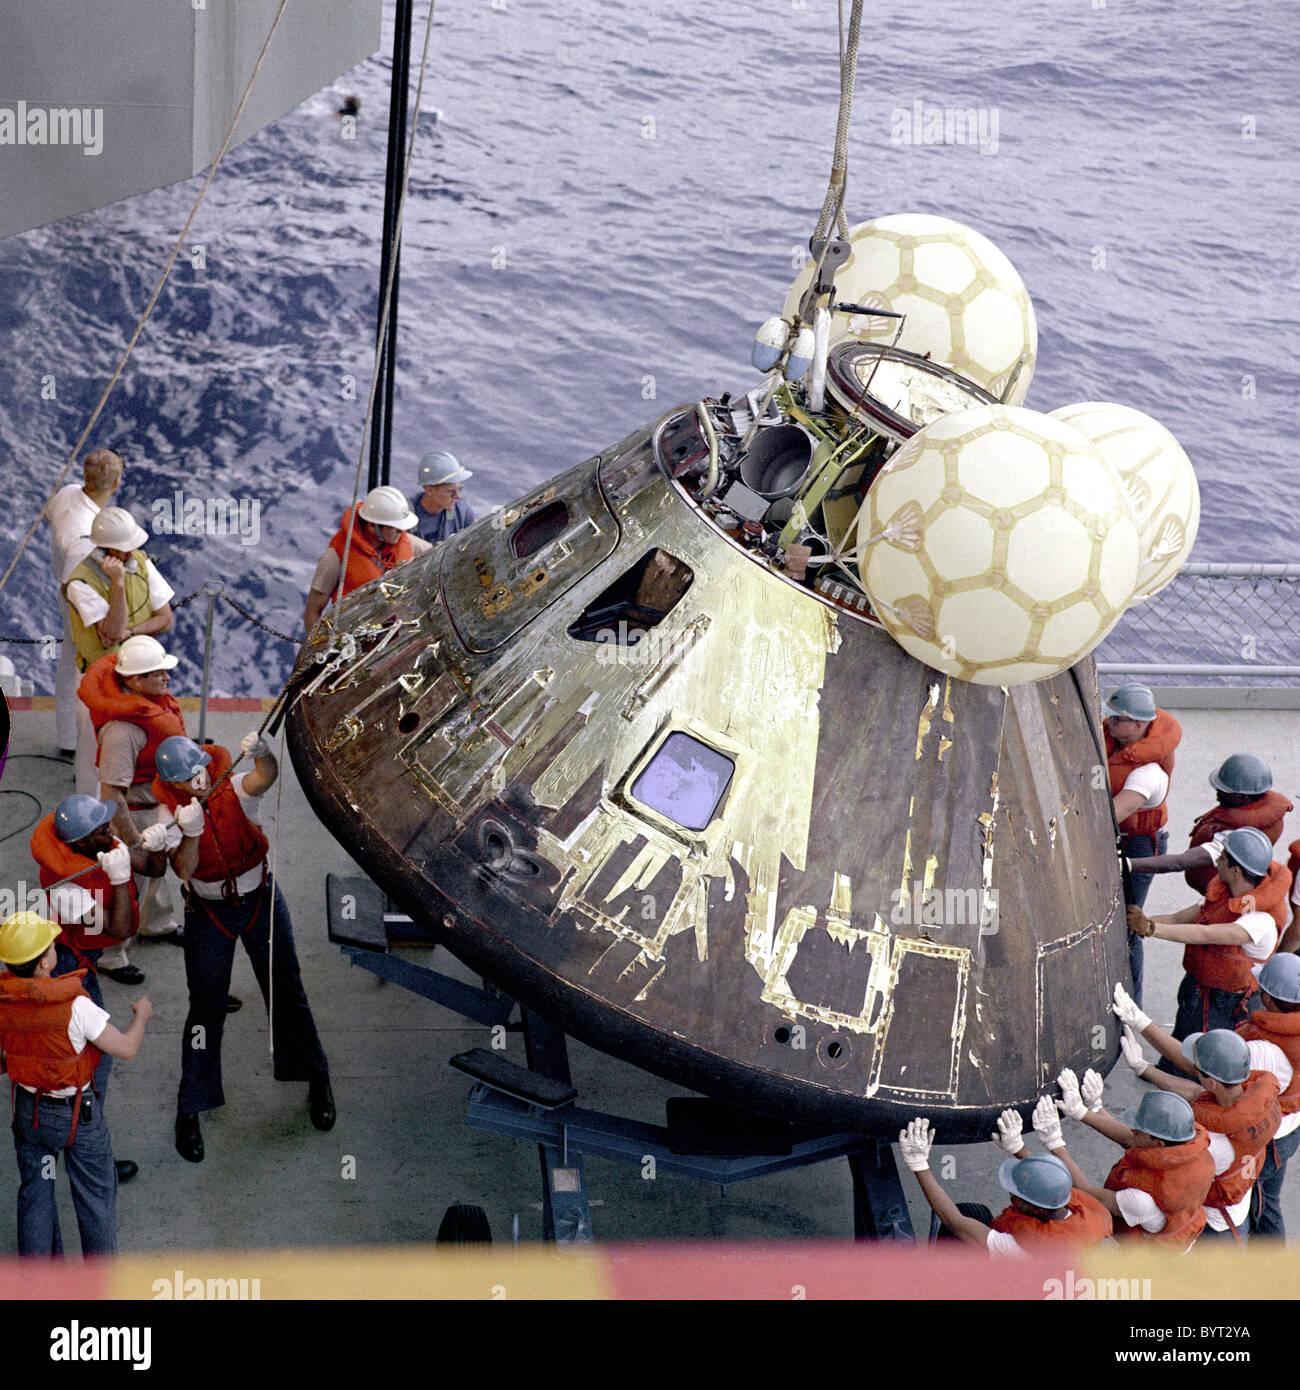 El módulo de mando de la nave espacial Apolo 13 es izada en el barco de recuperación después de splashdown. Imagen De Stock